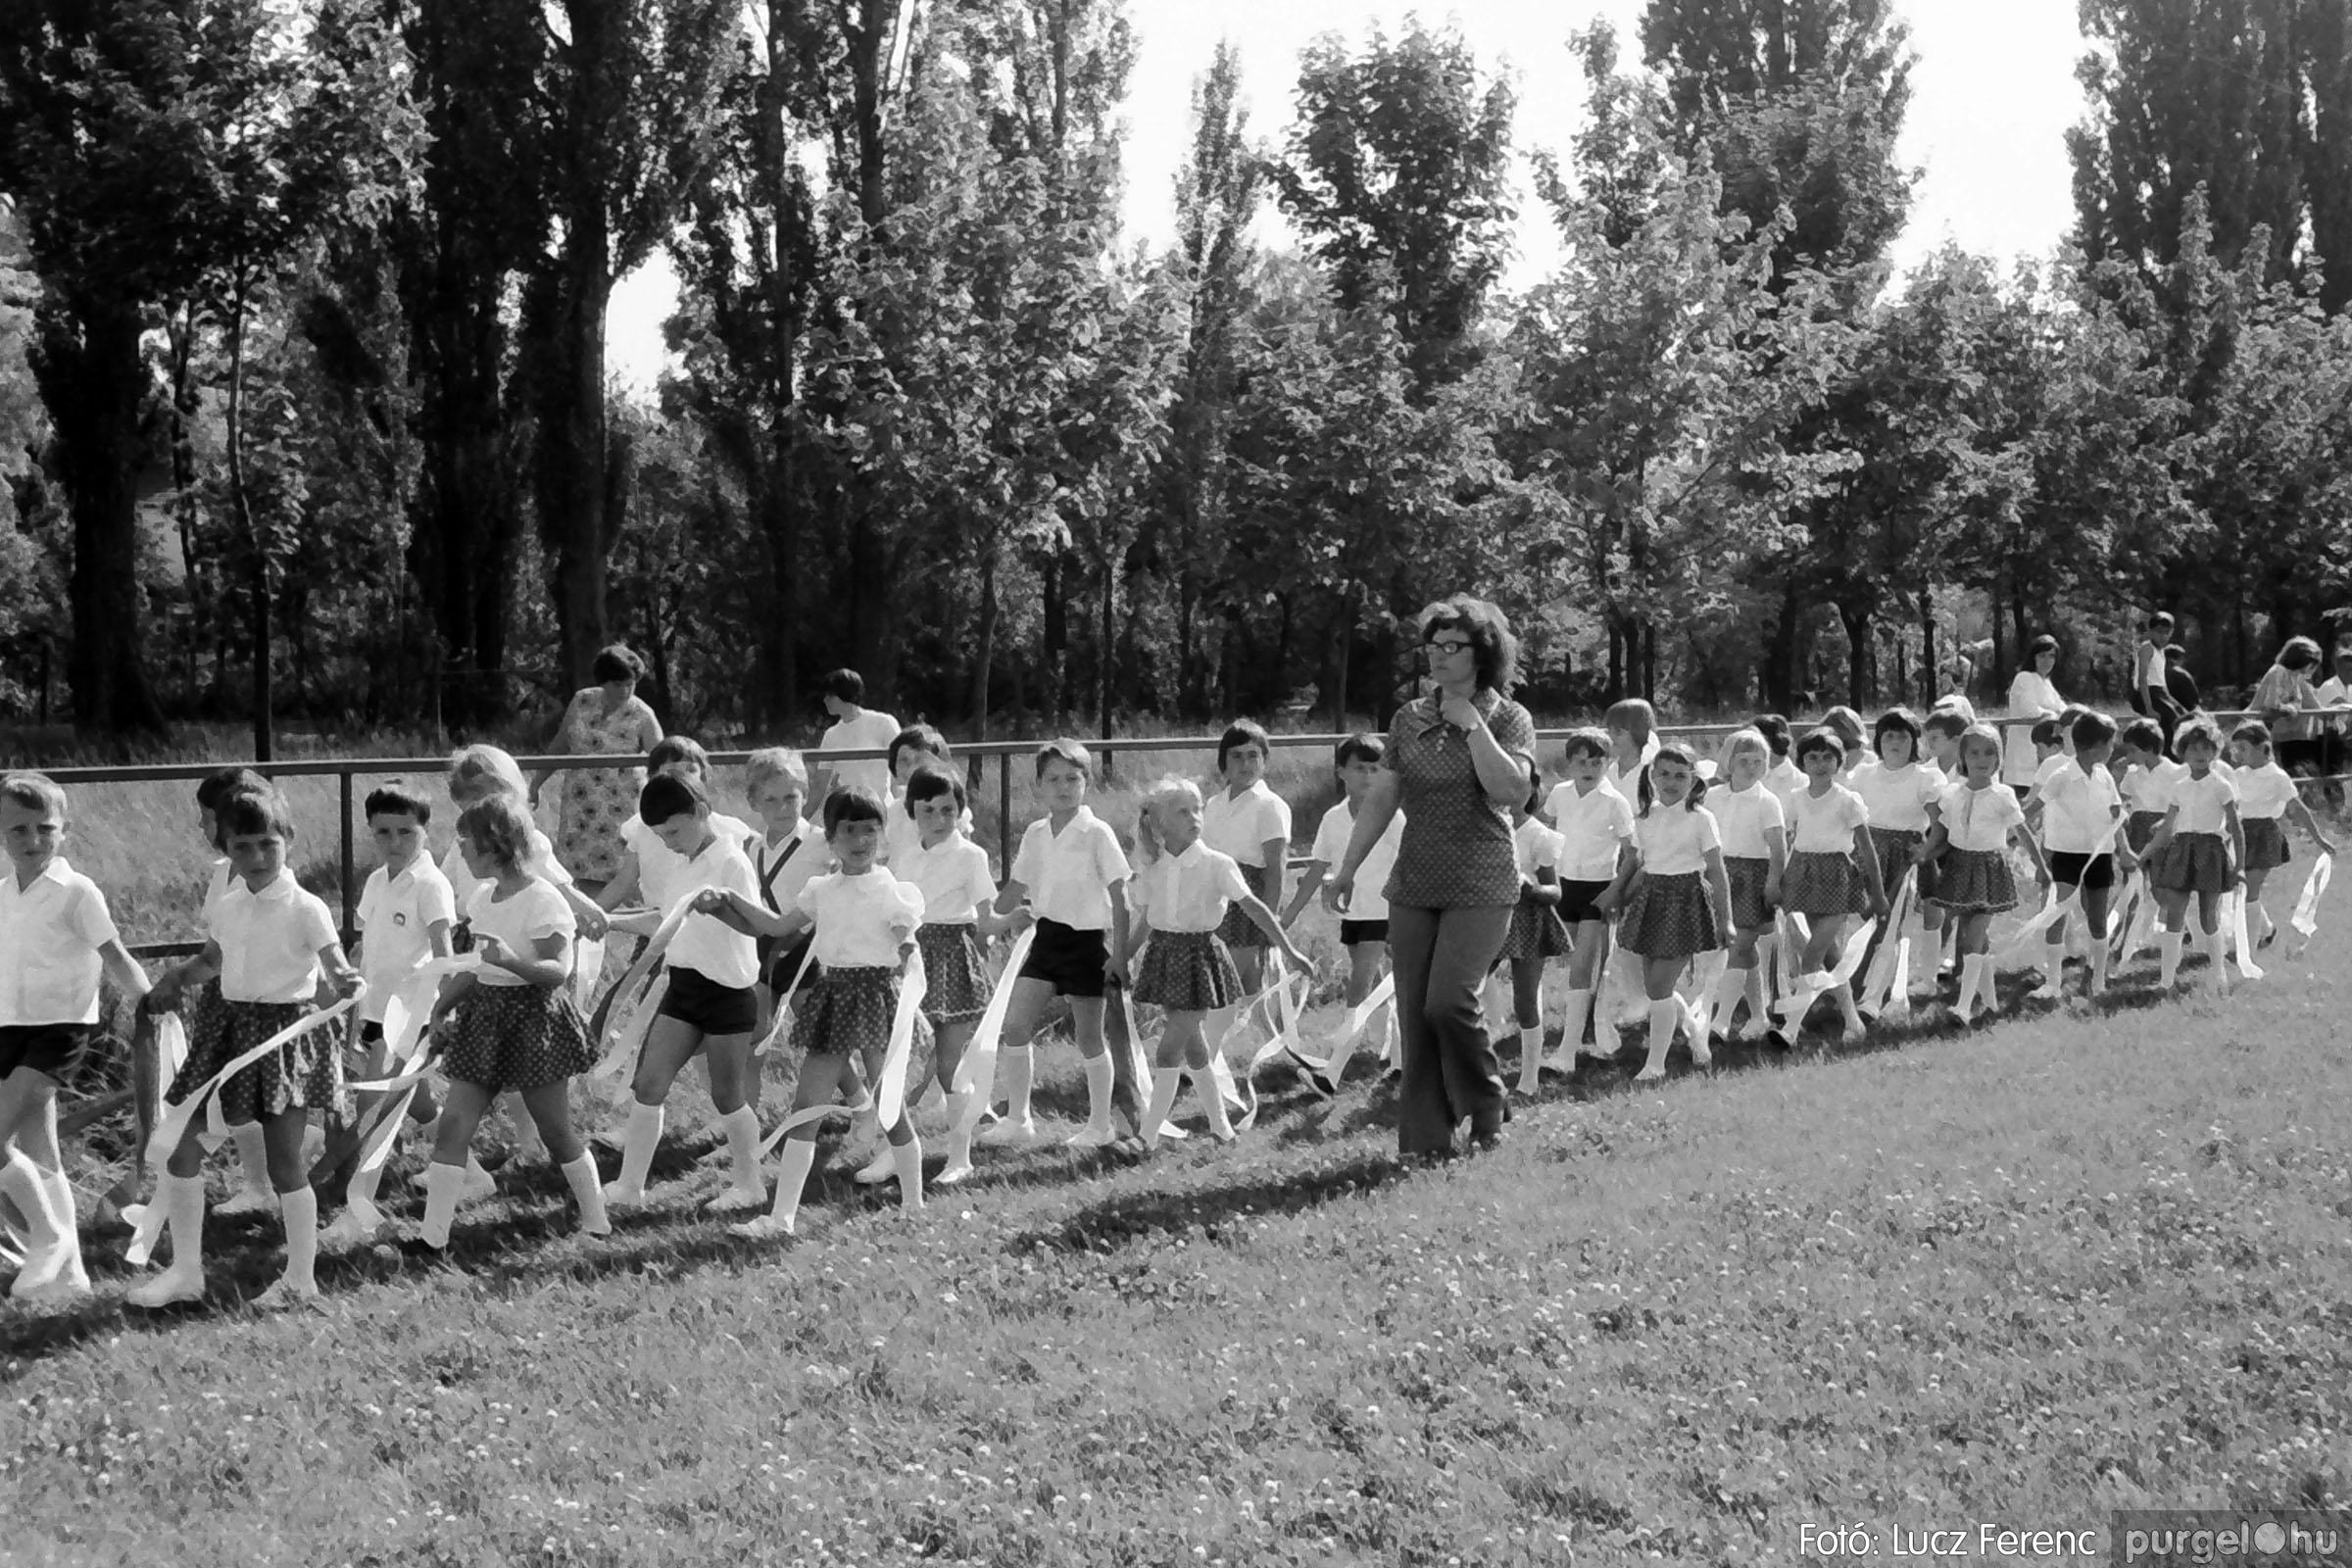 017 1975.04. Május elsejei tornabemutató főpróbája a sportpályán 022 - Fotó: Lucz Ferenc IMG00023q.jpg